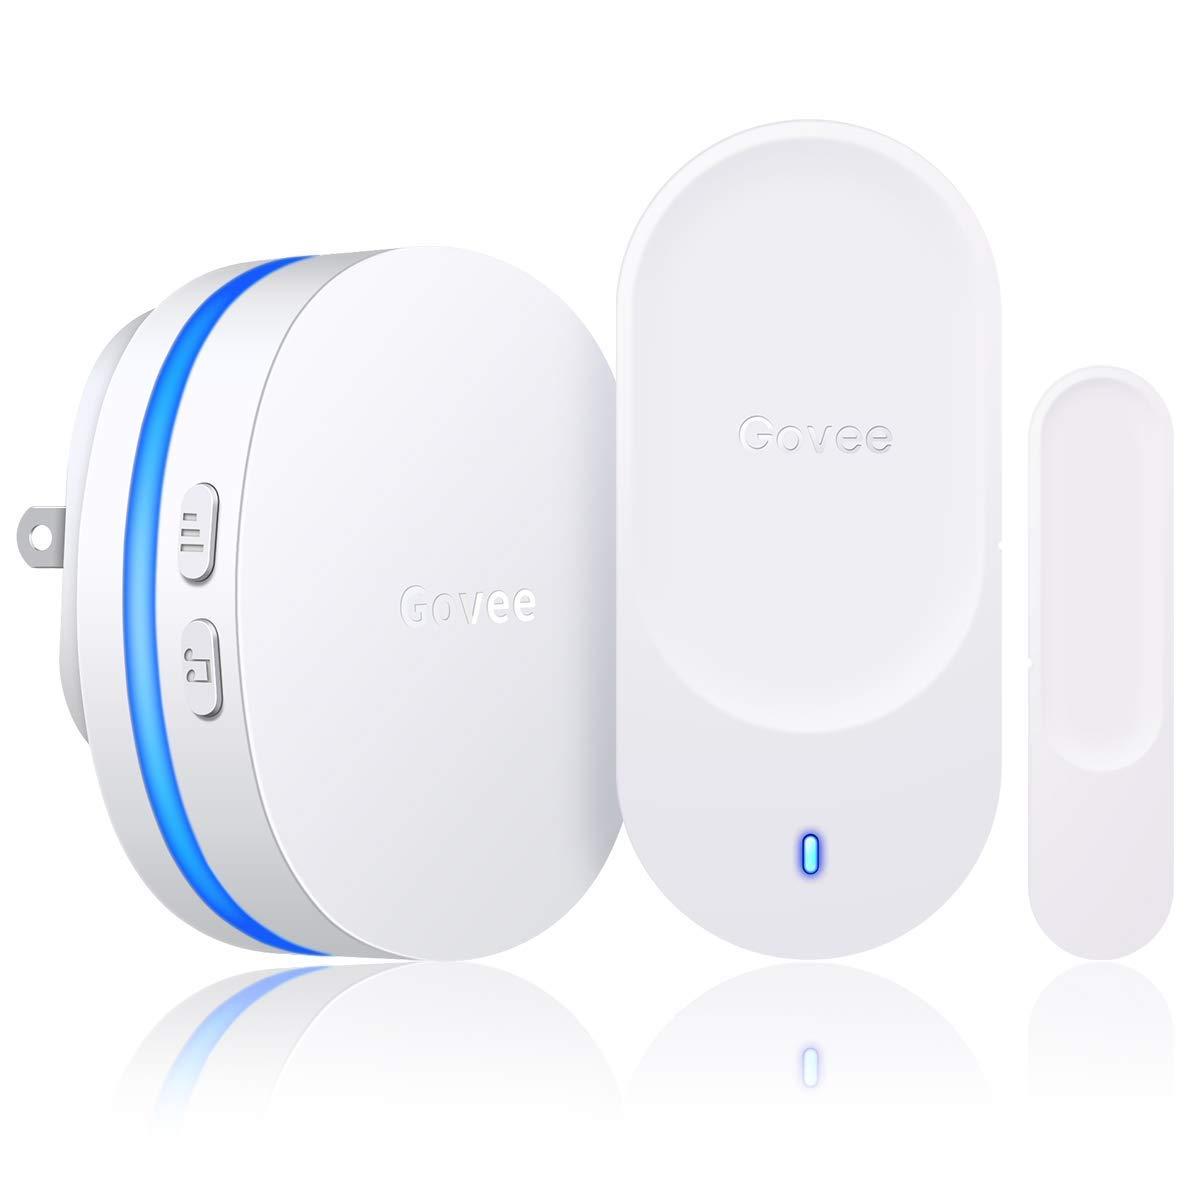 Govee Door Open Chime, Wireless Door Chime Home Security Alarm Sensor - 1 Magnetic Door Security Contact Sensor, 1 Wireless Doorbell Plugin Receiver(330FT/36 Tunes/5 Volume Levels/LED Indicators)